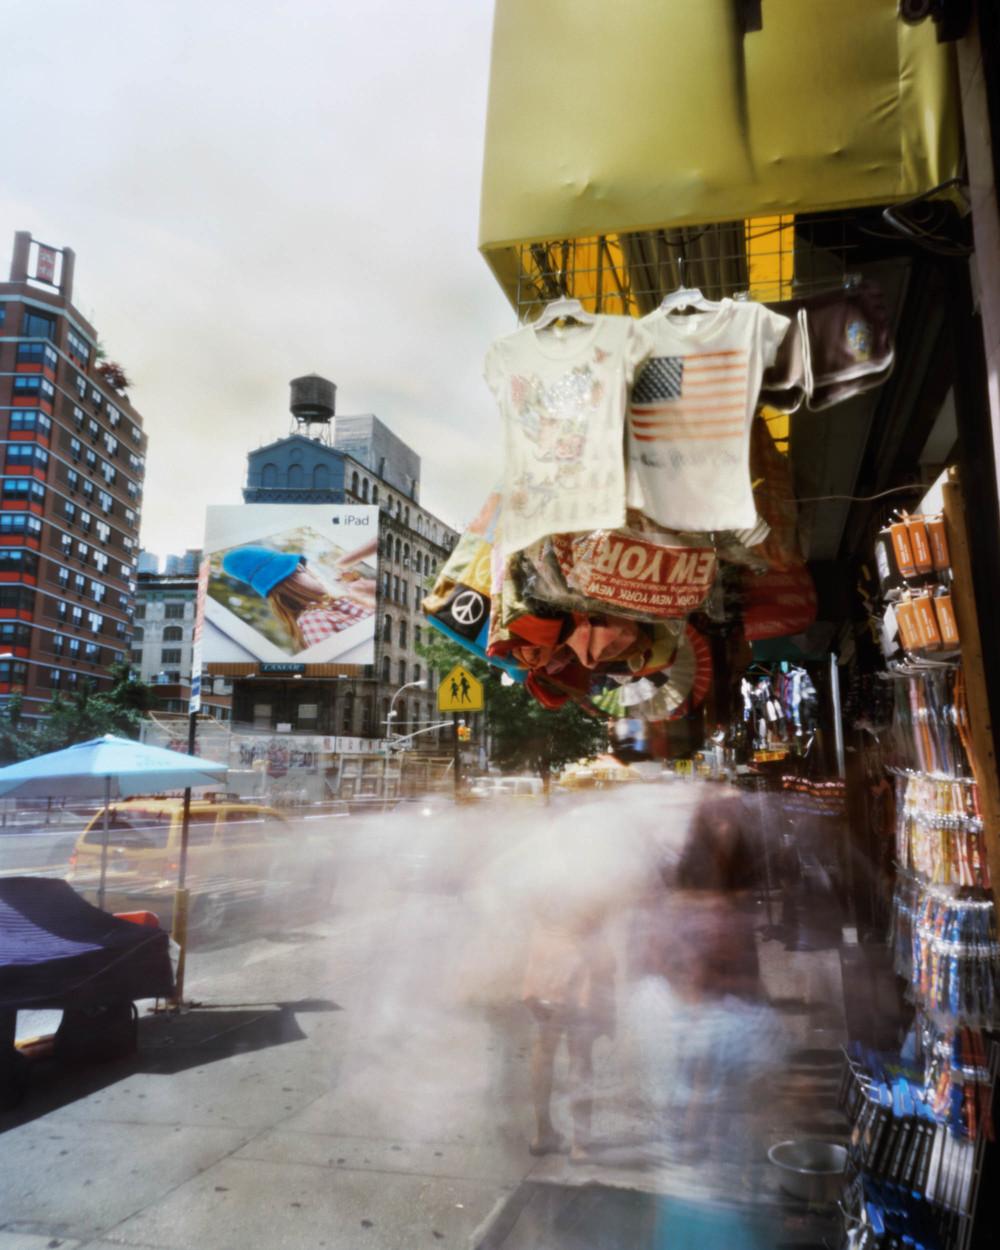 Marasco_Canal_Street.jpg